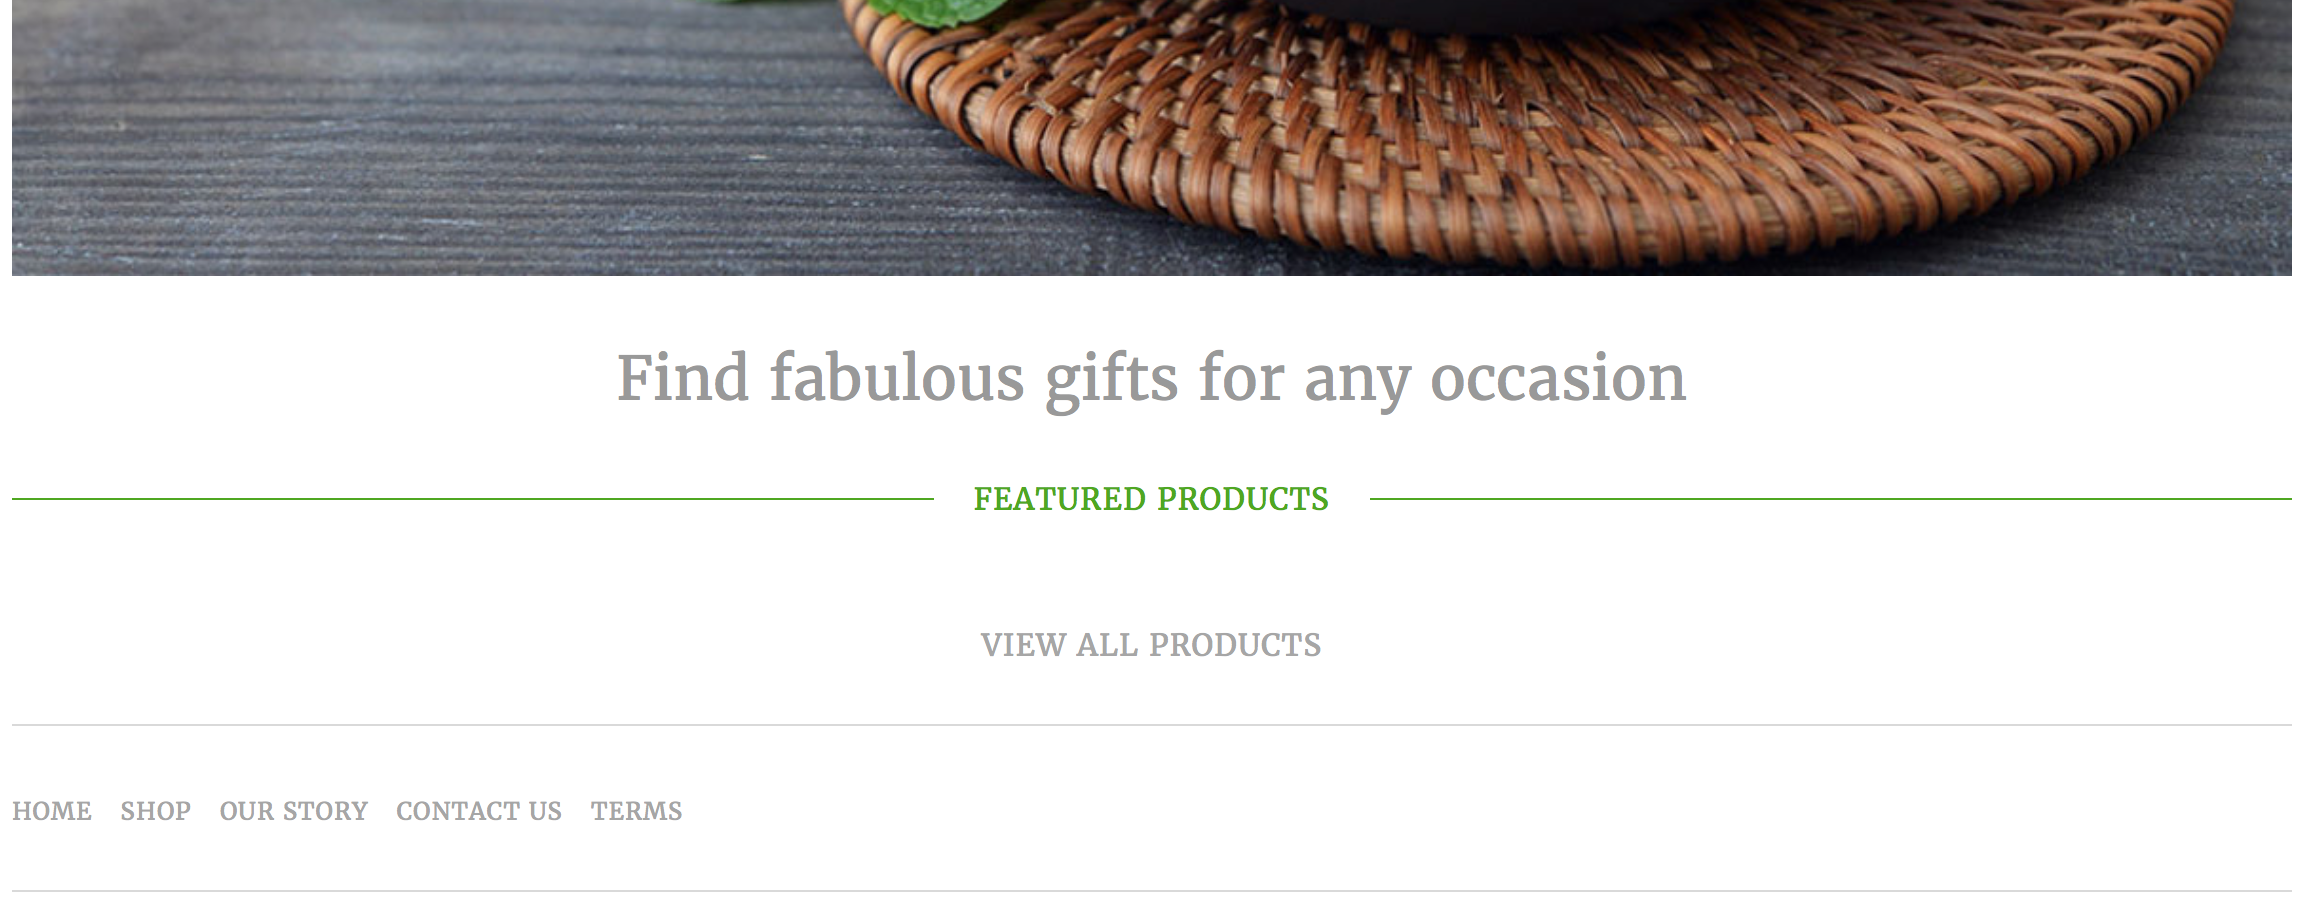 GizmoBolt E-Commerce Website